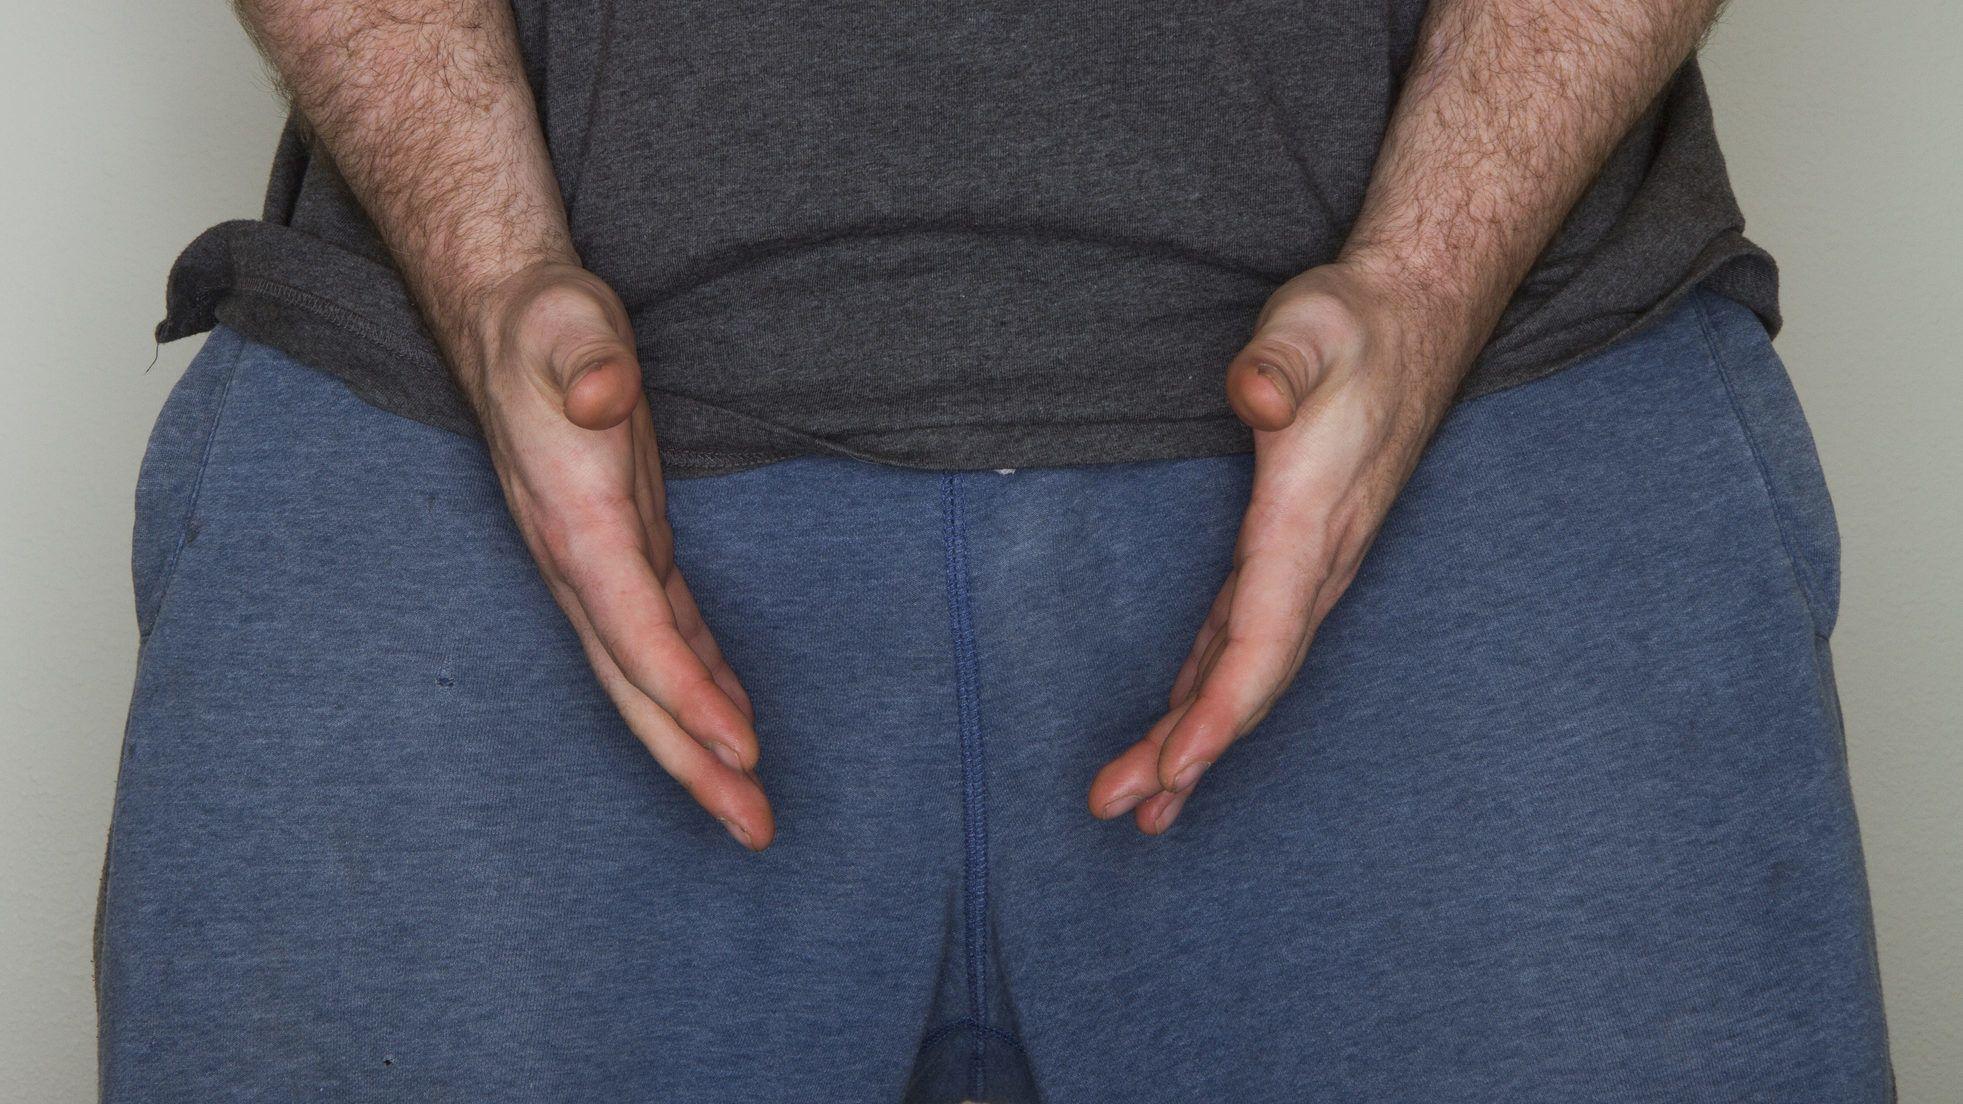 Ezt gondolják a nők párjuk méretéről: 15 meghökkentő vélemény - Ripost